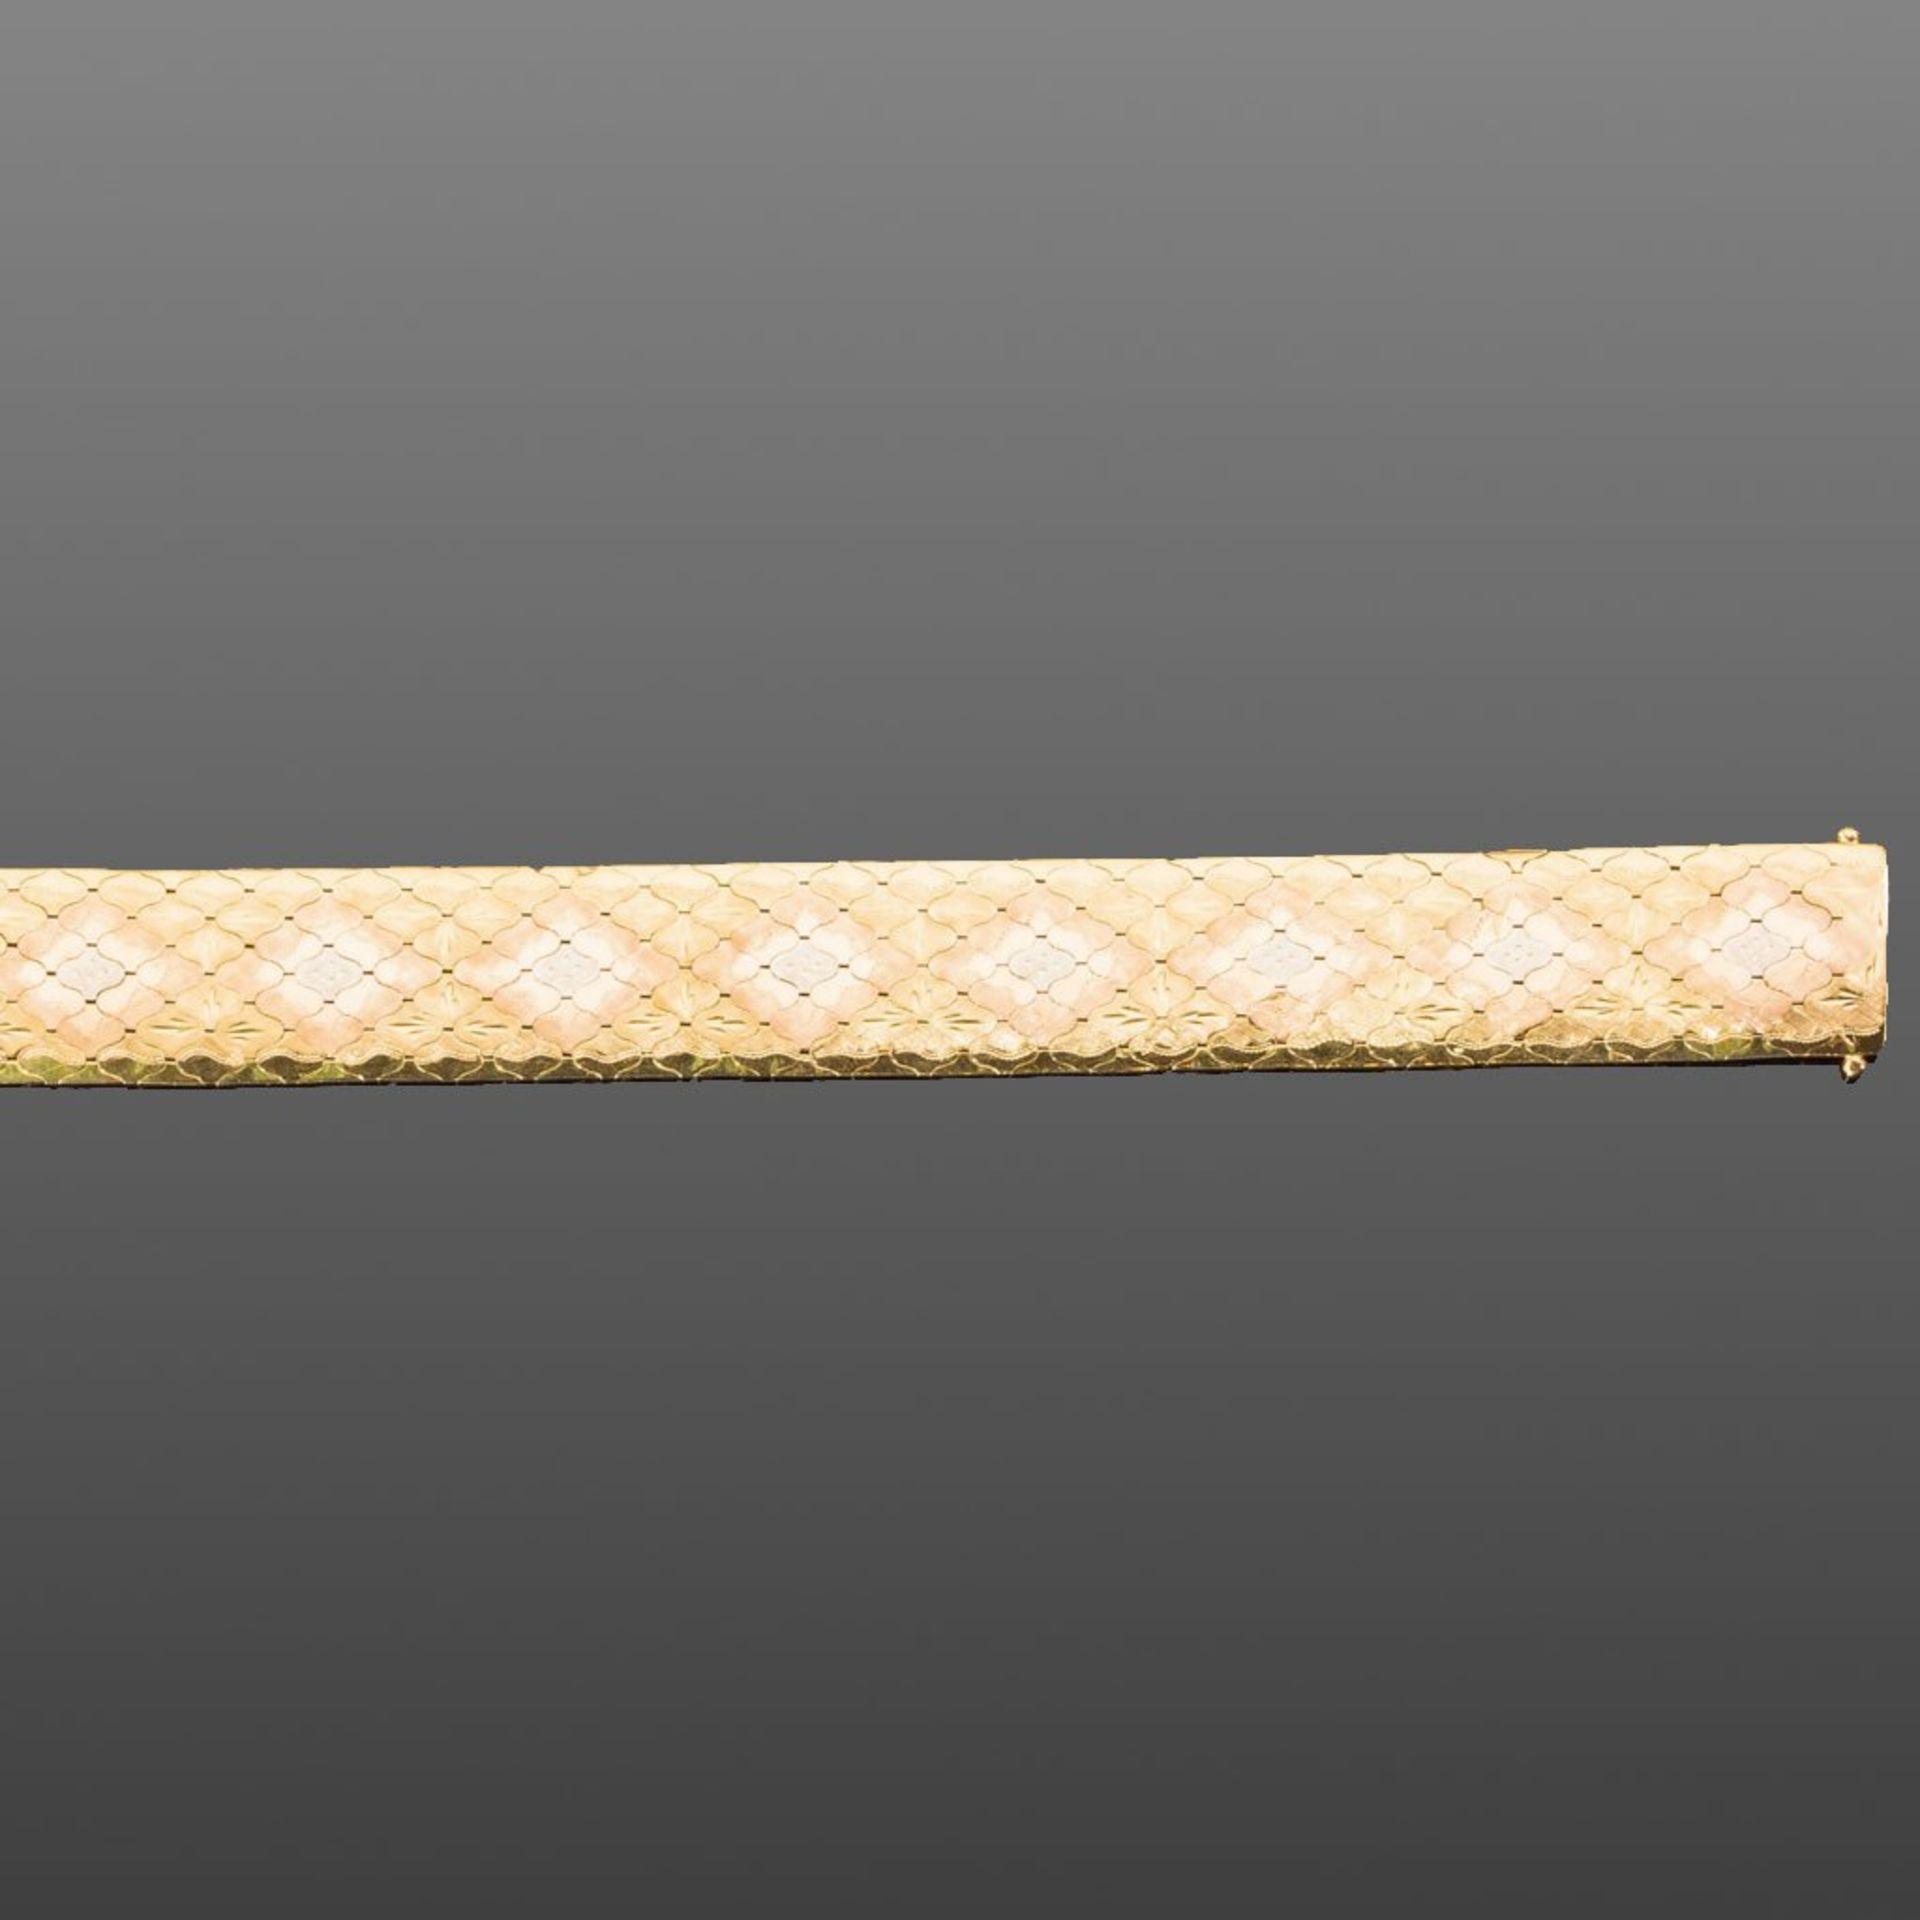 Breites goldenes Armband à trois couleurs: 18 ct. GG, RG und WG, 56 g. L 18,8 cm